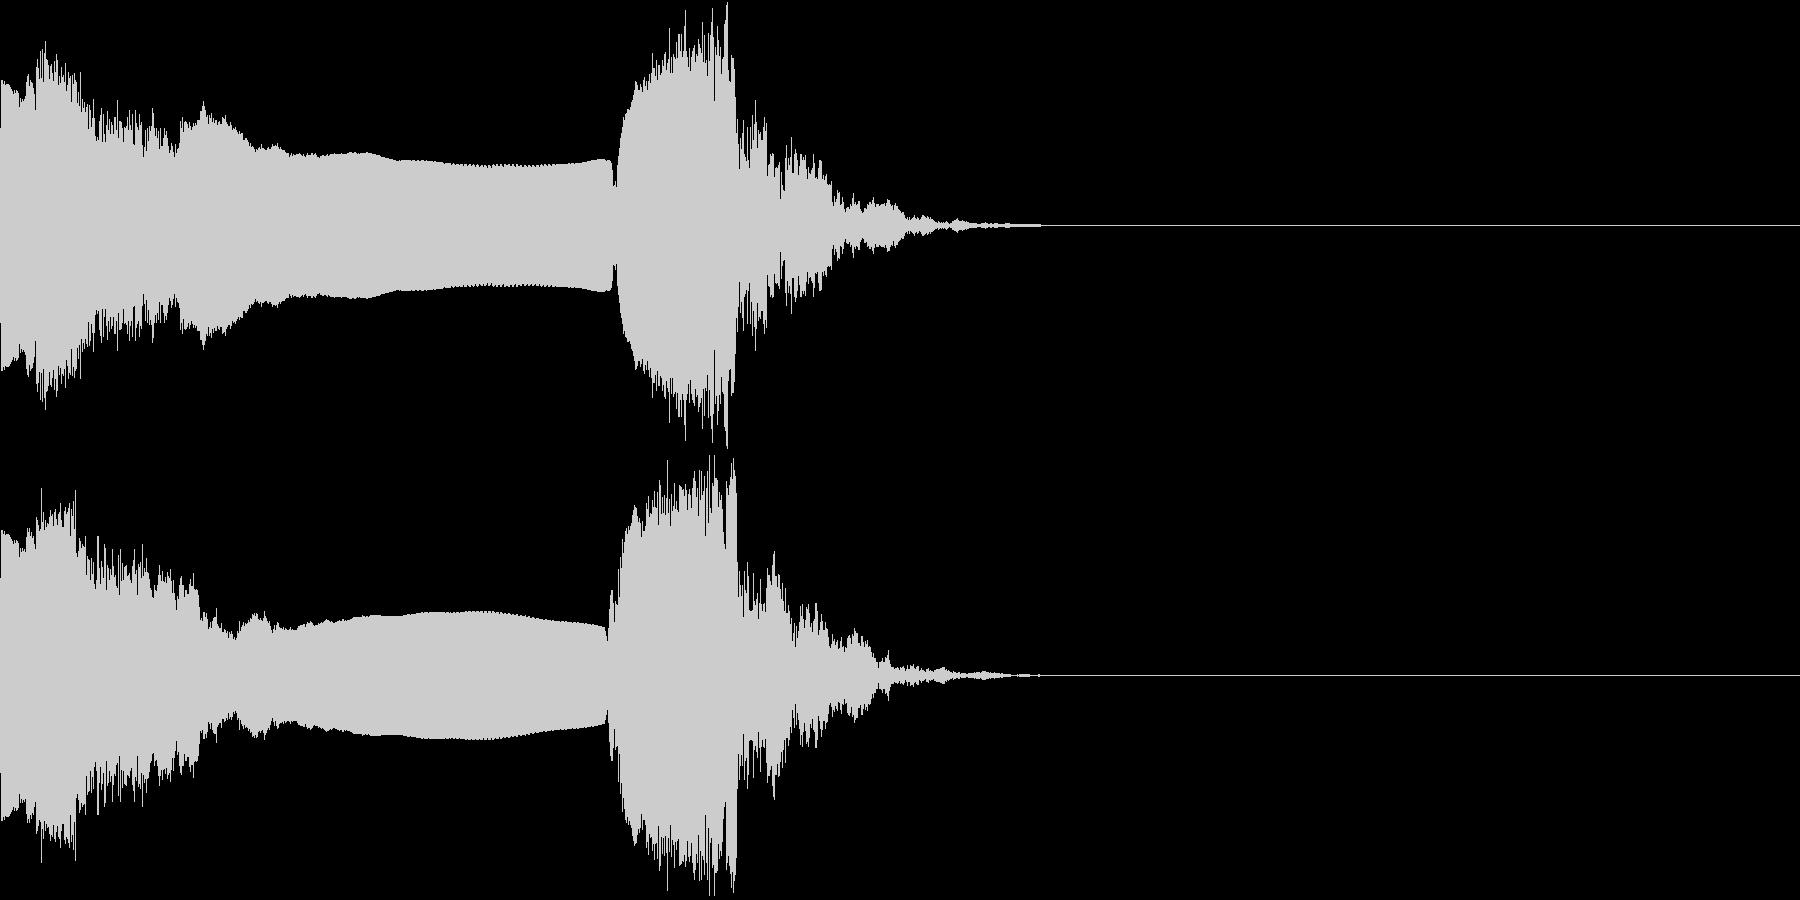 キュイン キーン シャキーン 光る 17の未再生の波形